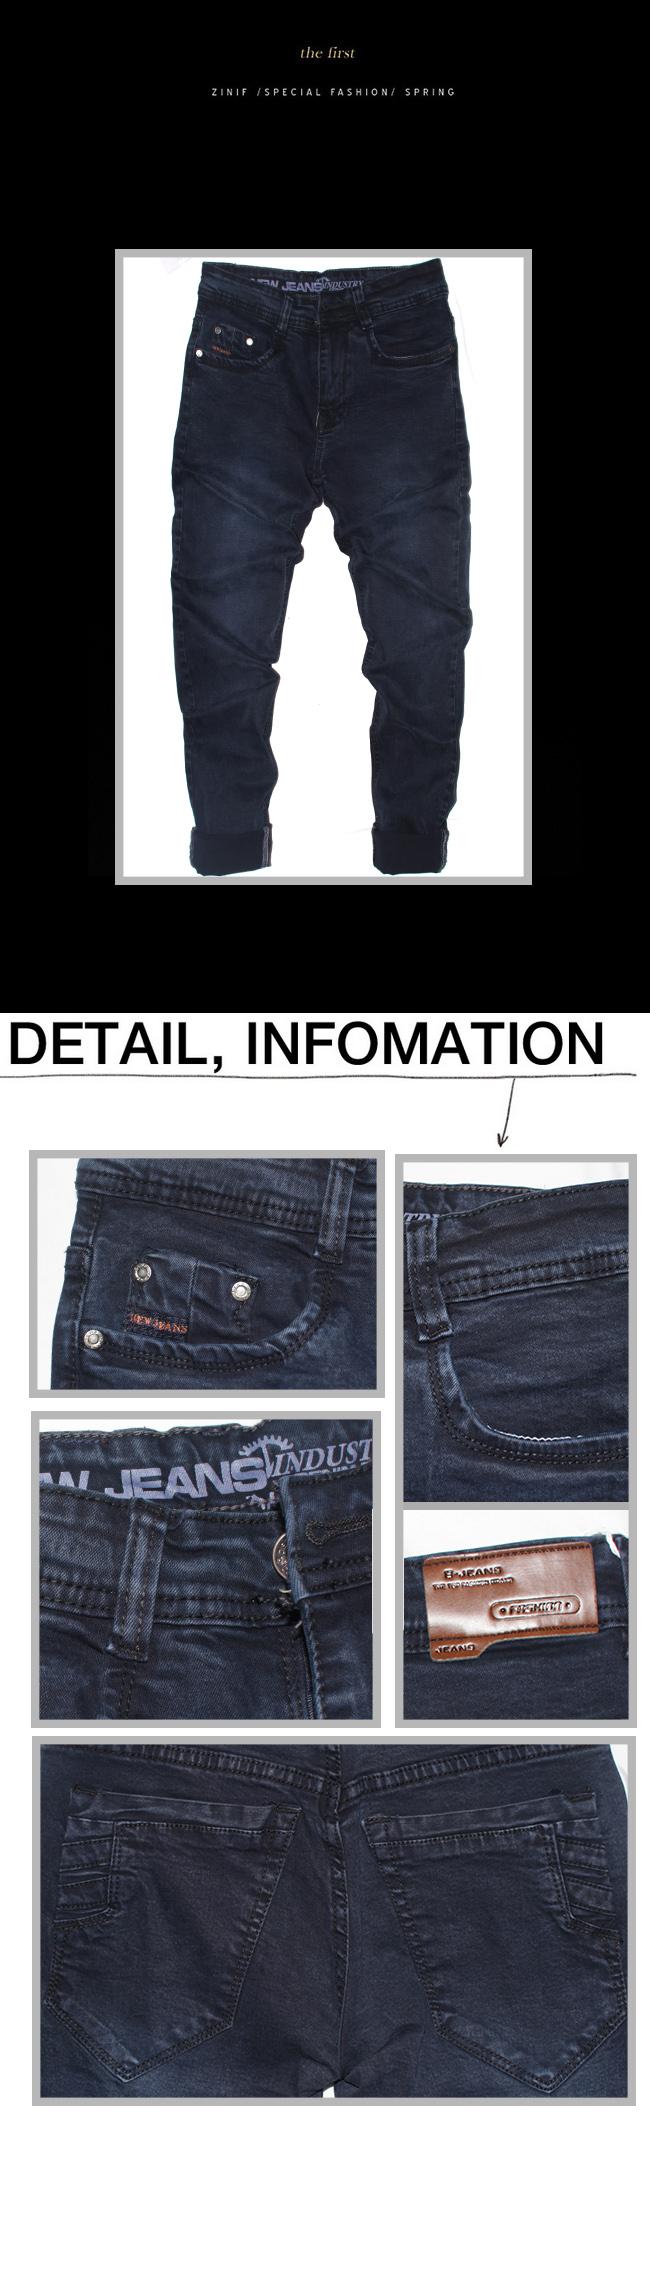 Quần jean xanh đen qj1114 - 1